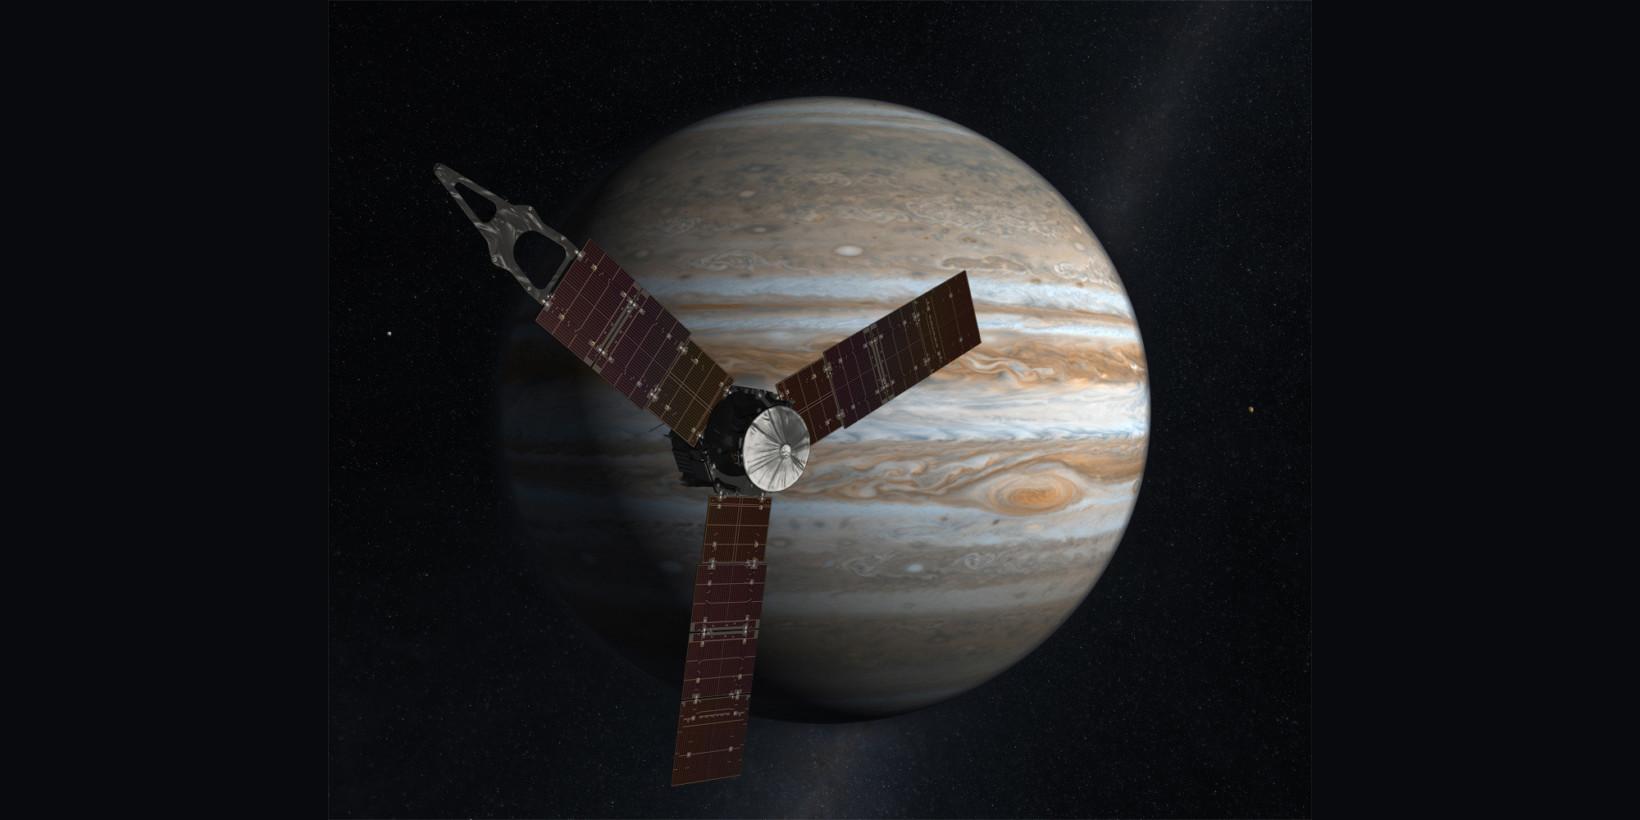 spacecraft jupiter - photo #5